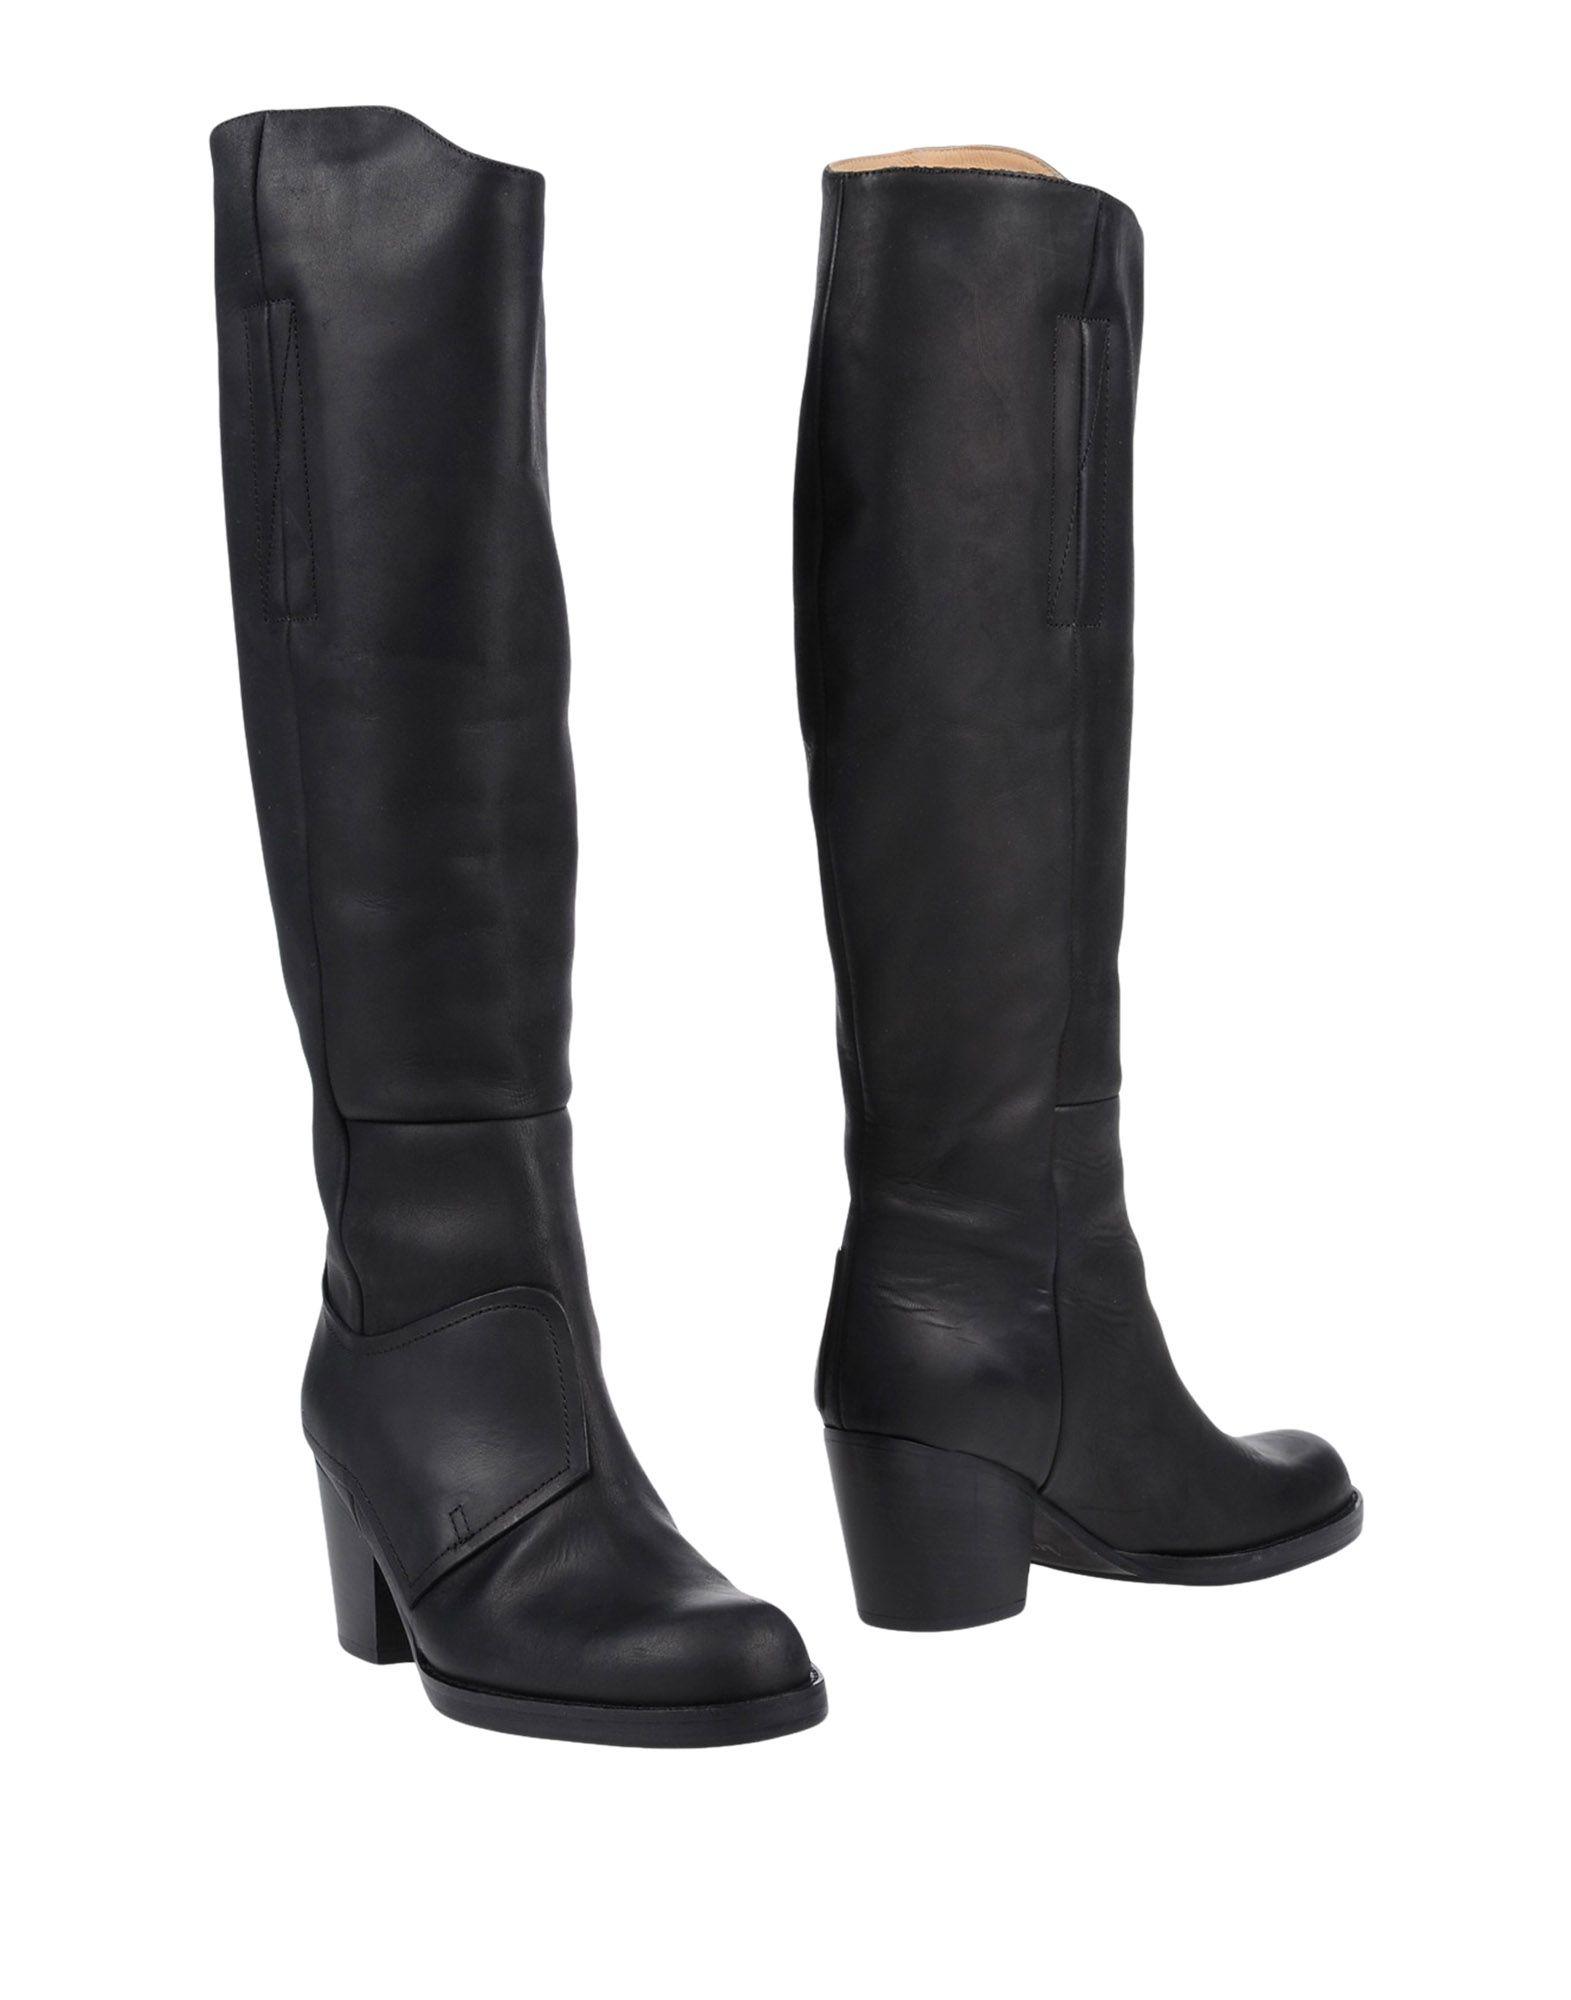 Acne Studios Stiefel Damen  11434962FXGut aussehende strapazierfähige Schuhe